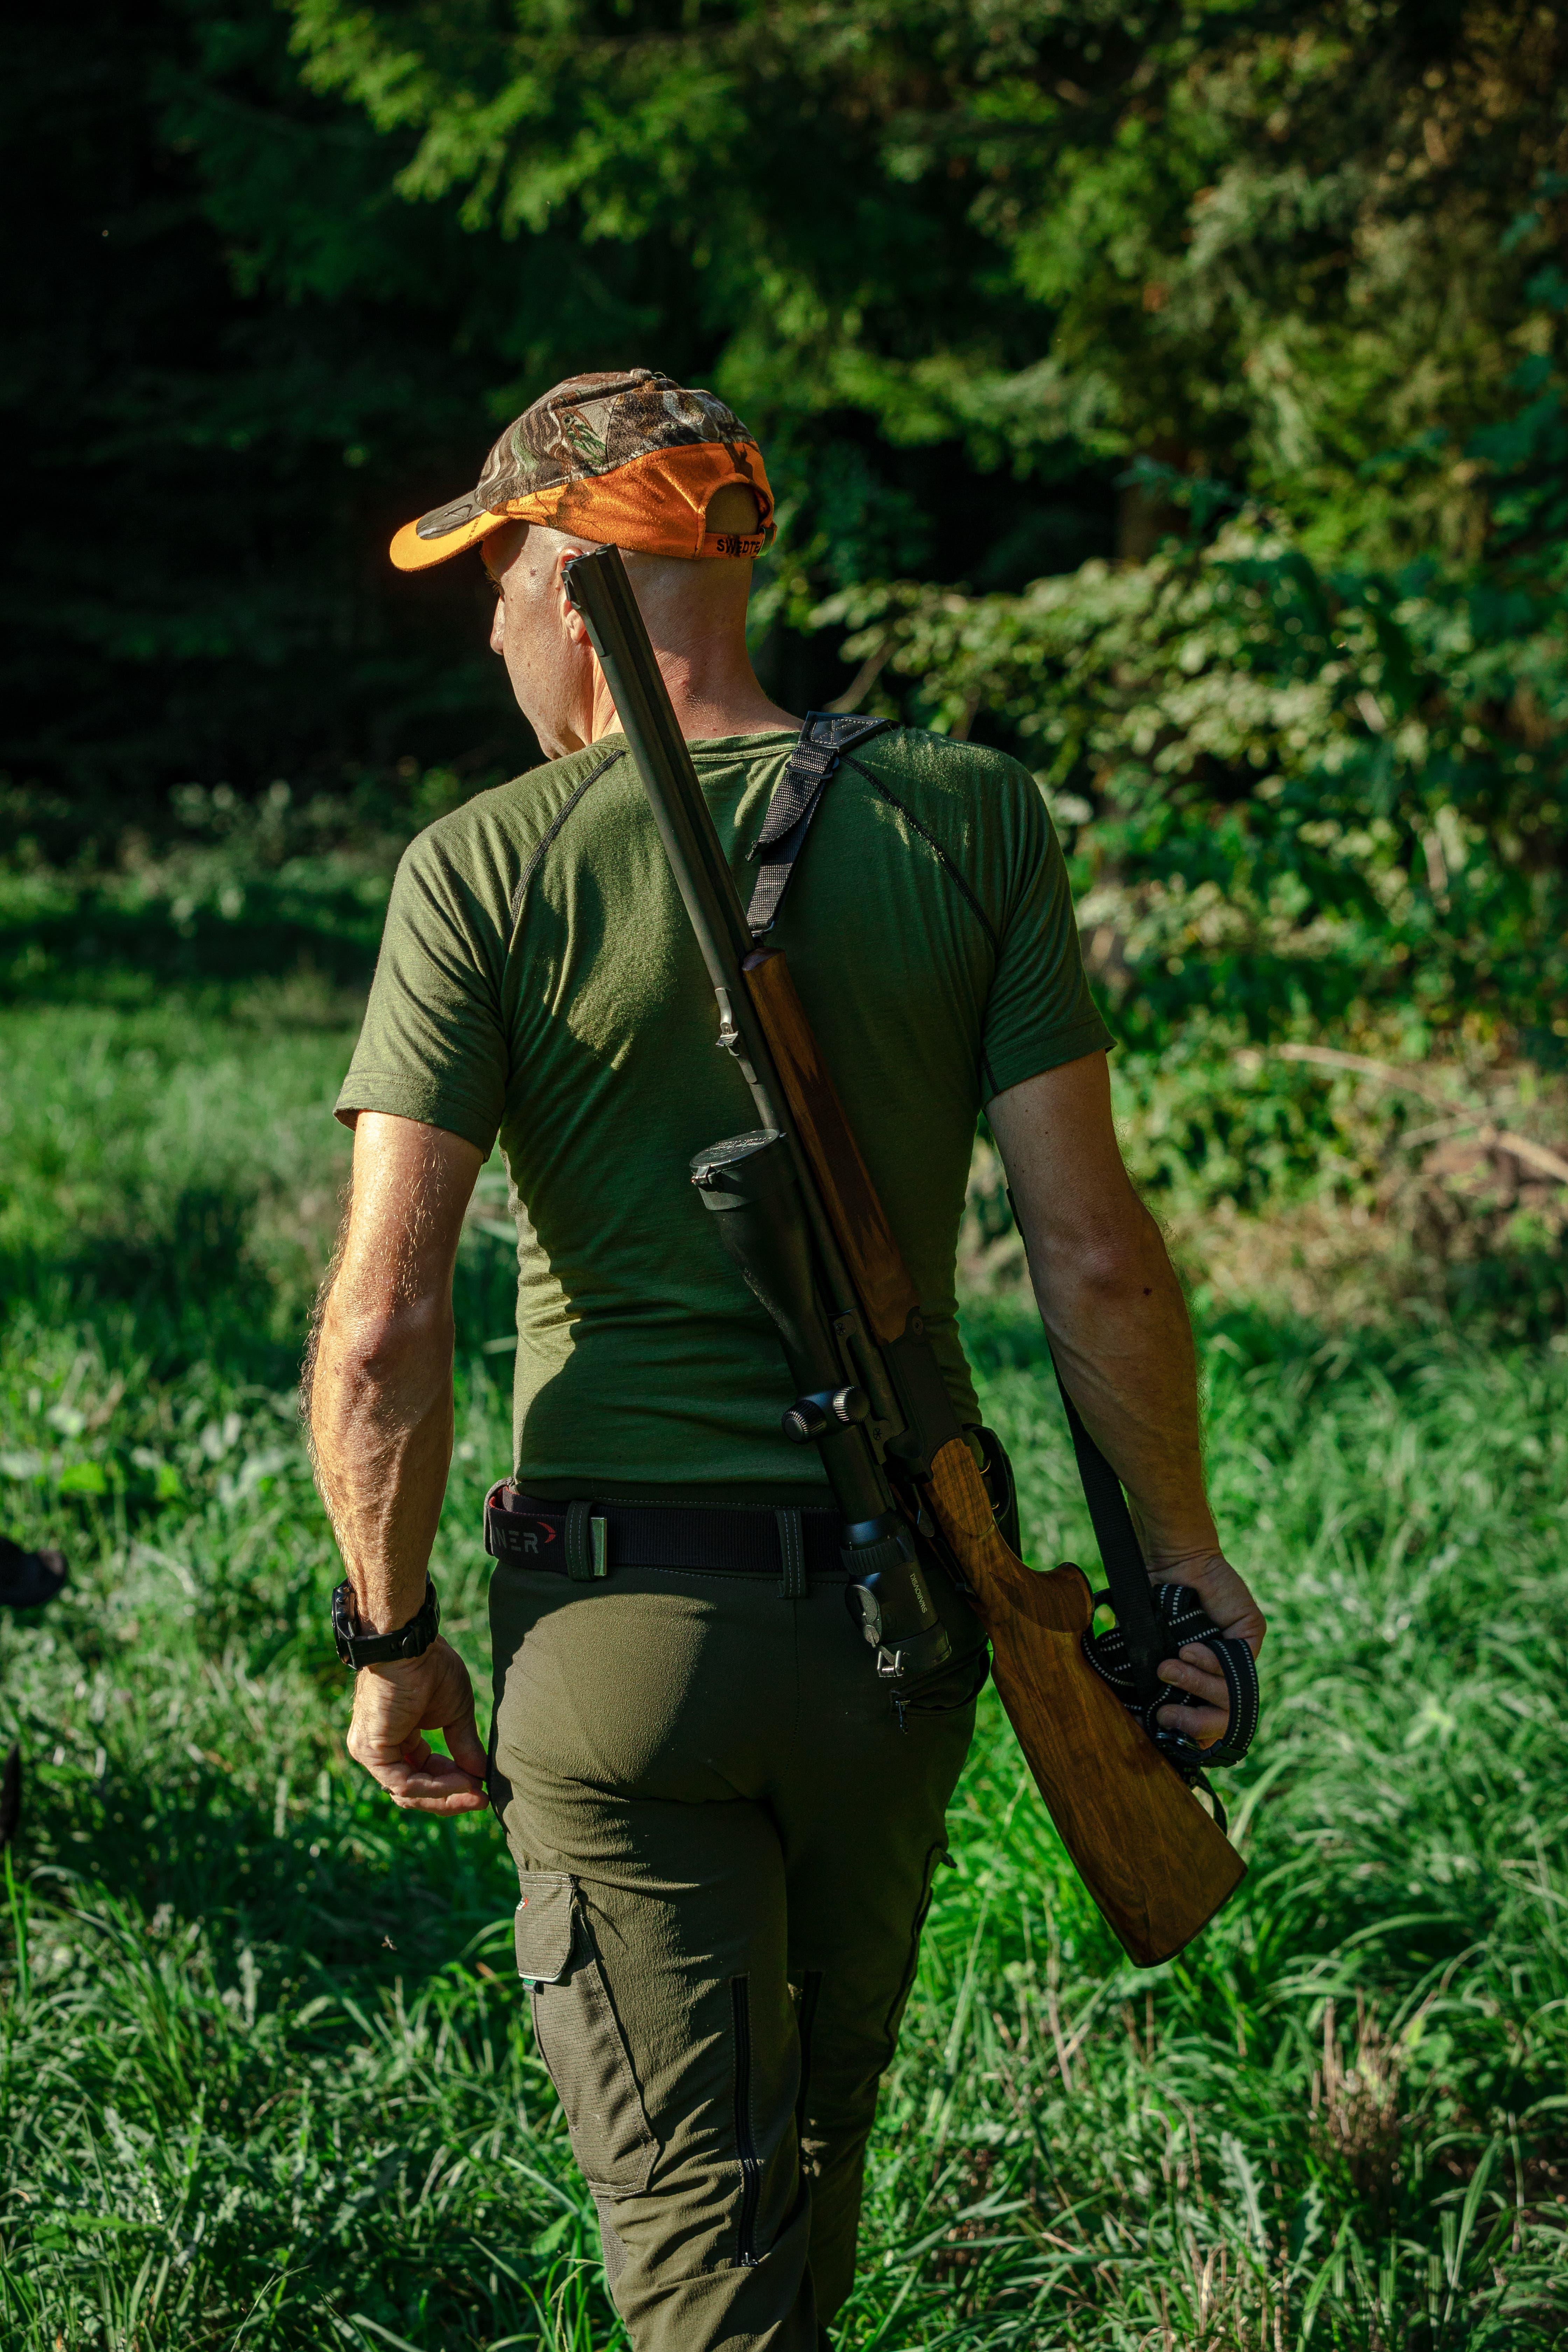 Da es keine Grossraubtiere gibt, regulieren die Jäger den Tierbestand im Wald. Pro Jahr müssen in Urdorf und Dietikon insgesamt 43 Rehe geschossen werden. Diese Zahl wird jährlich angepasst.